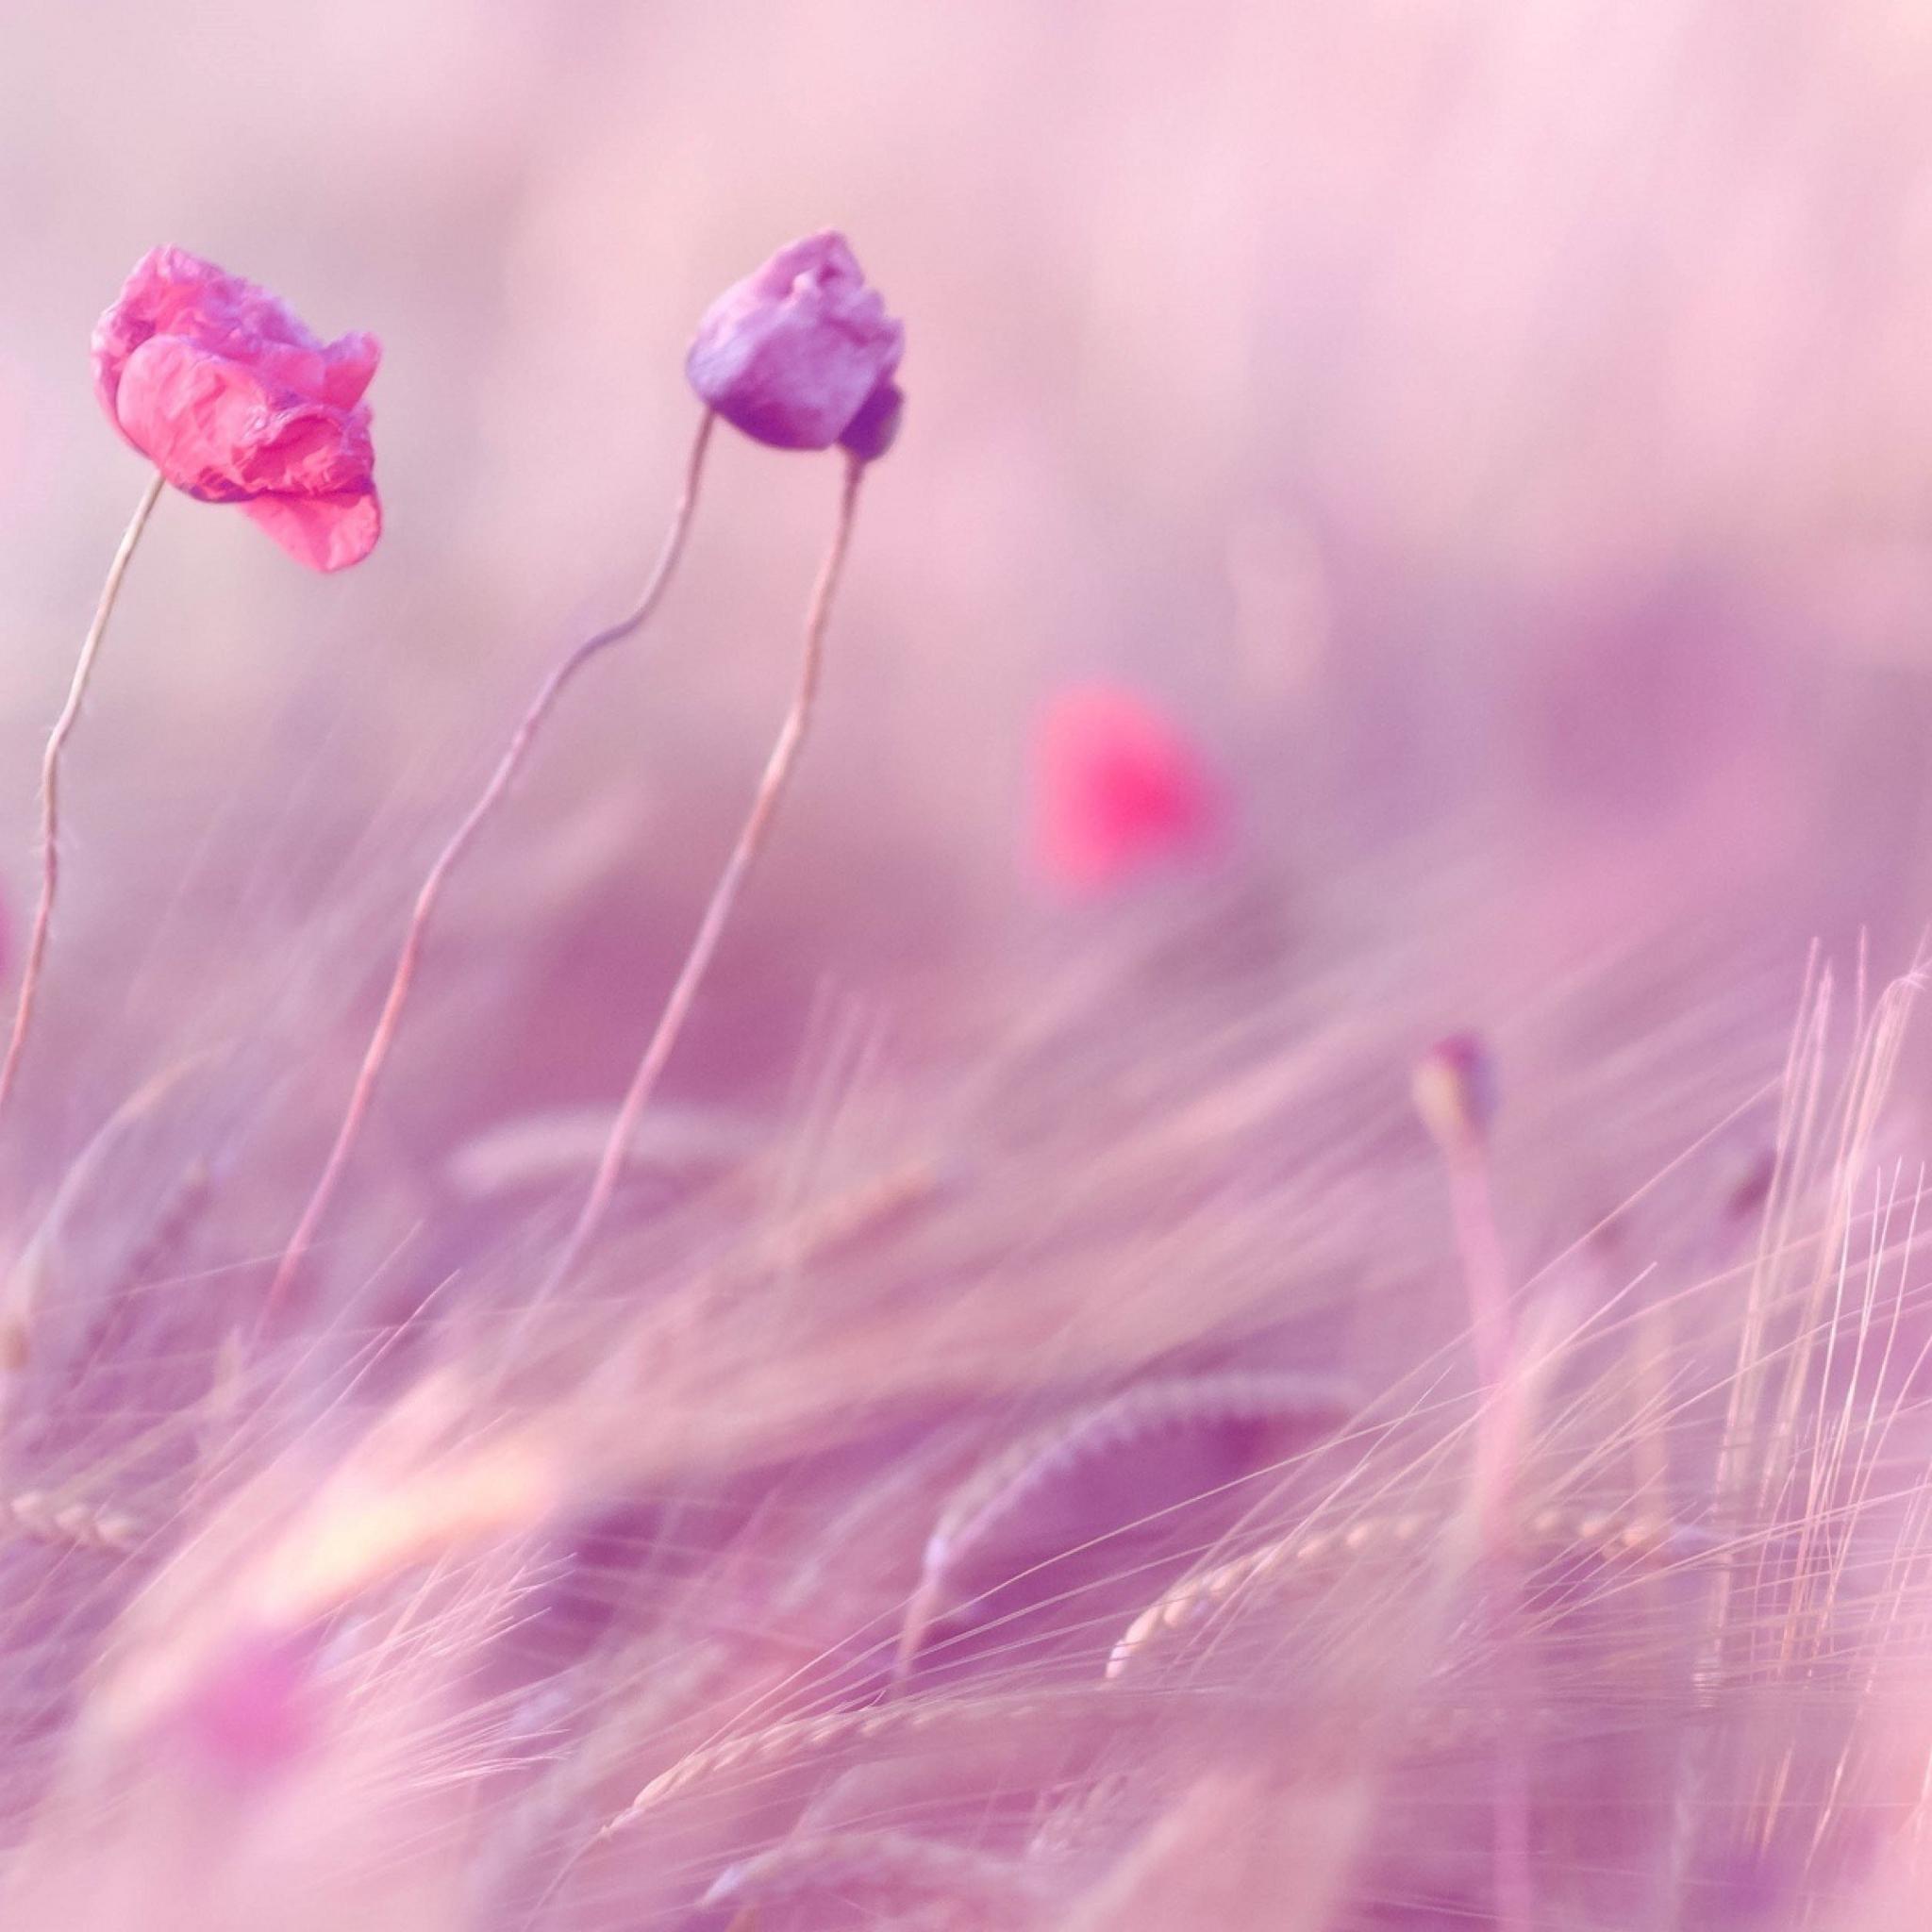 цветок частицы лепестки загрузить